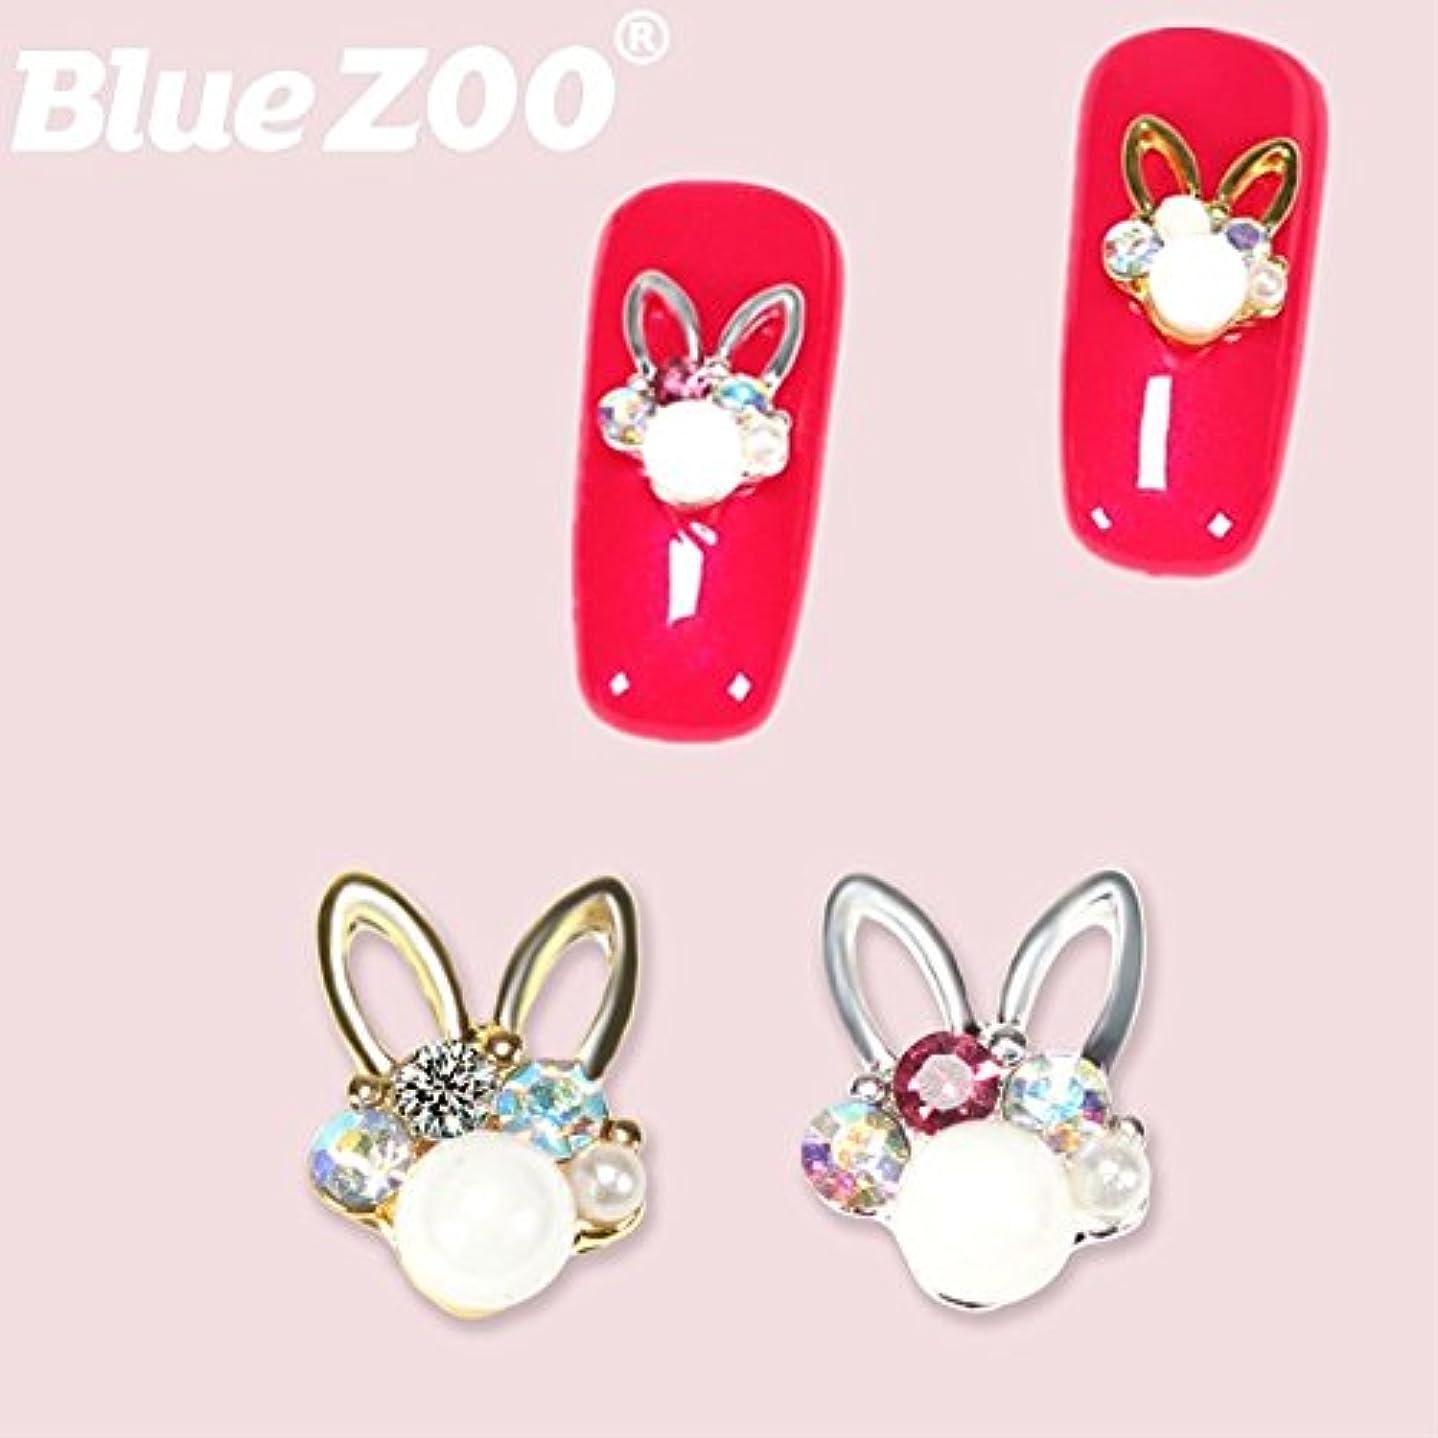 ベアリングサークルリゾート履歴書BlueZOO (ブルーズー) キュートラビット シルバー ネイル デコレーション 10個入り 合金ウサギ ラインストーン スタッズ ジェルネイルアートアクセサリー